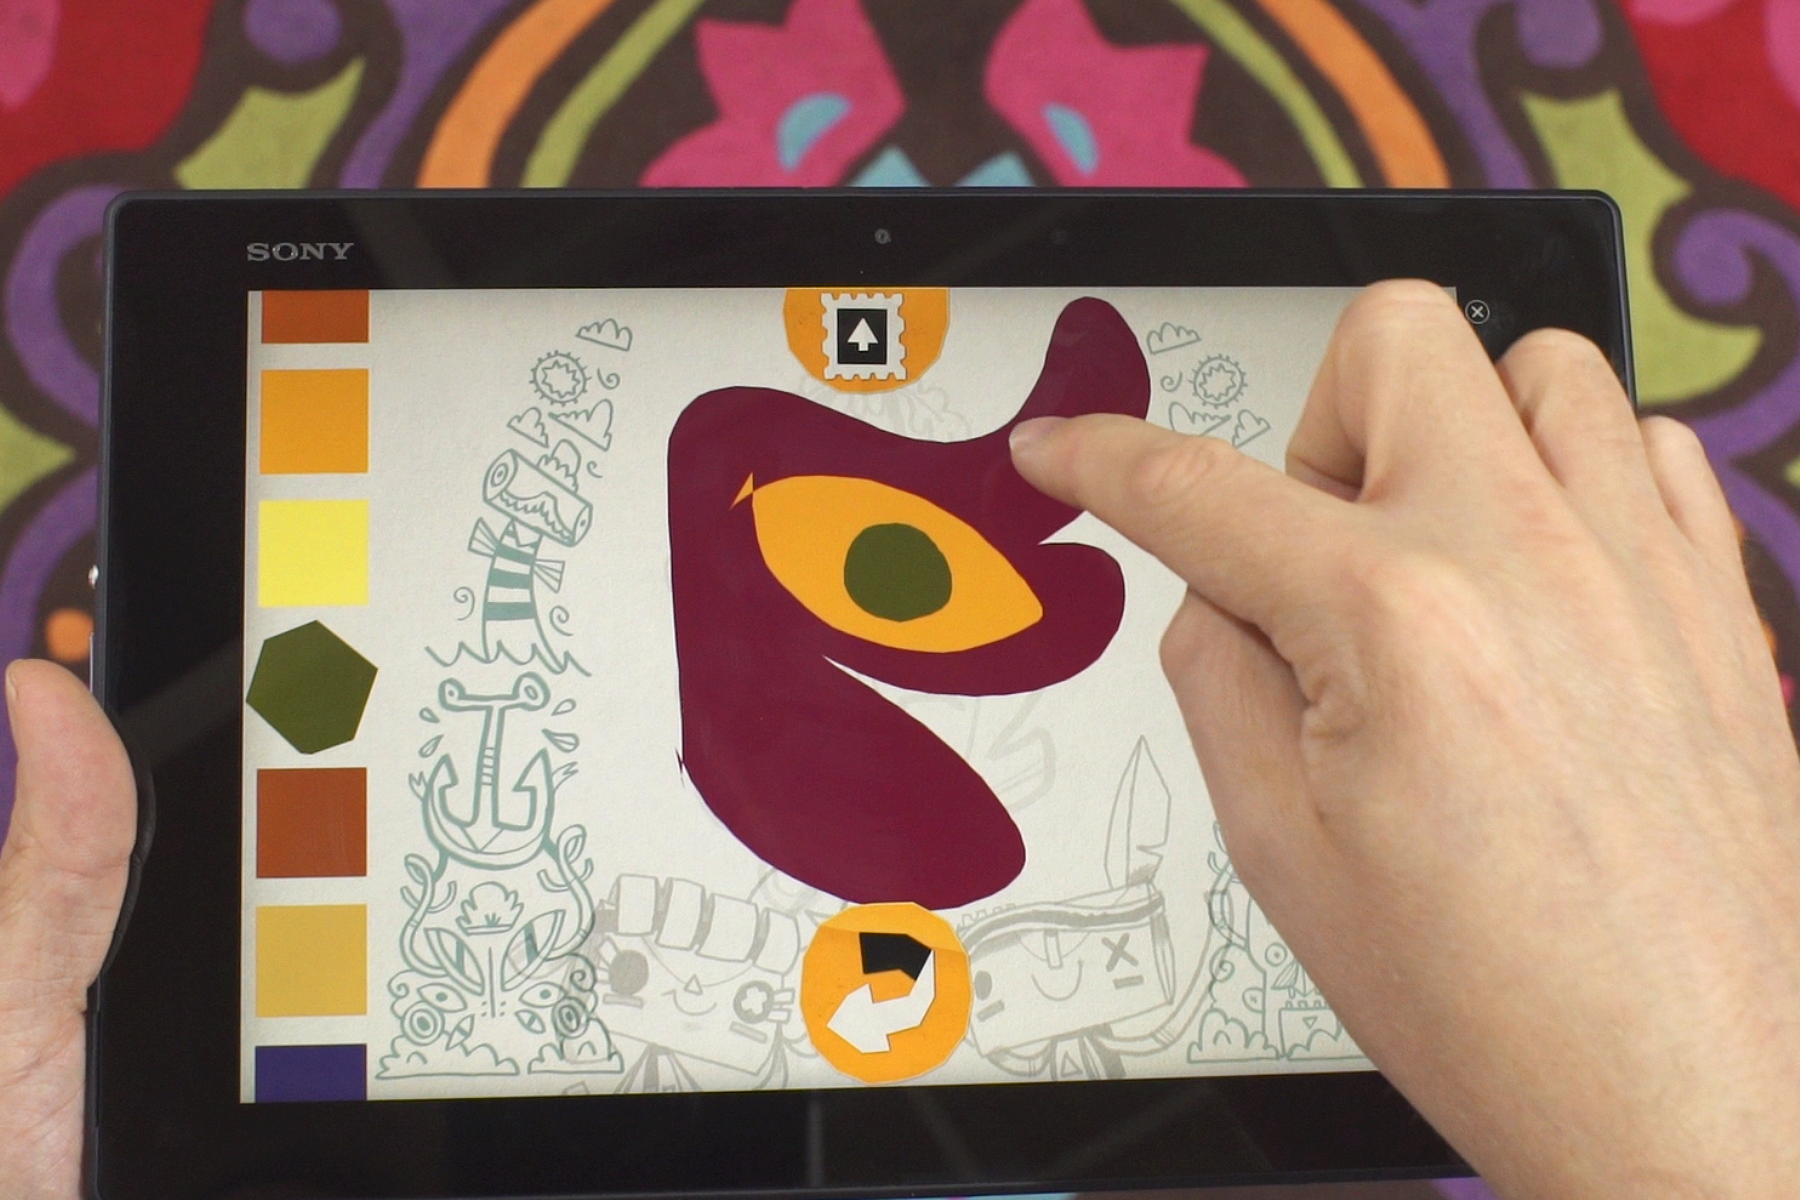 Je kan zelfs op je tablet tekenen en de creatie naar de game doorsturen.